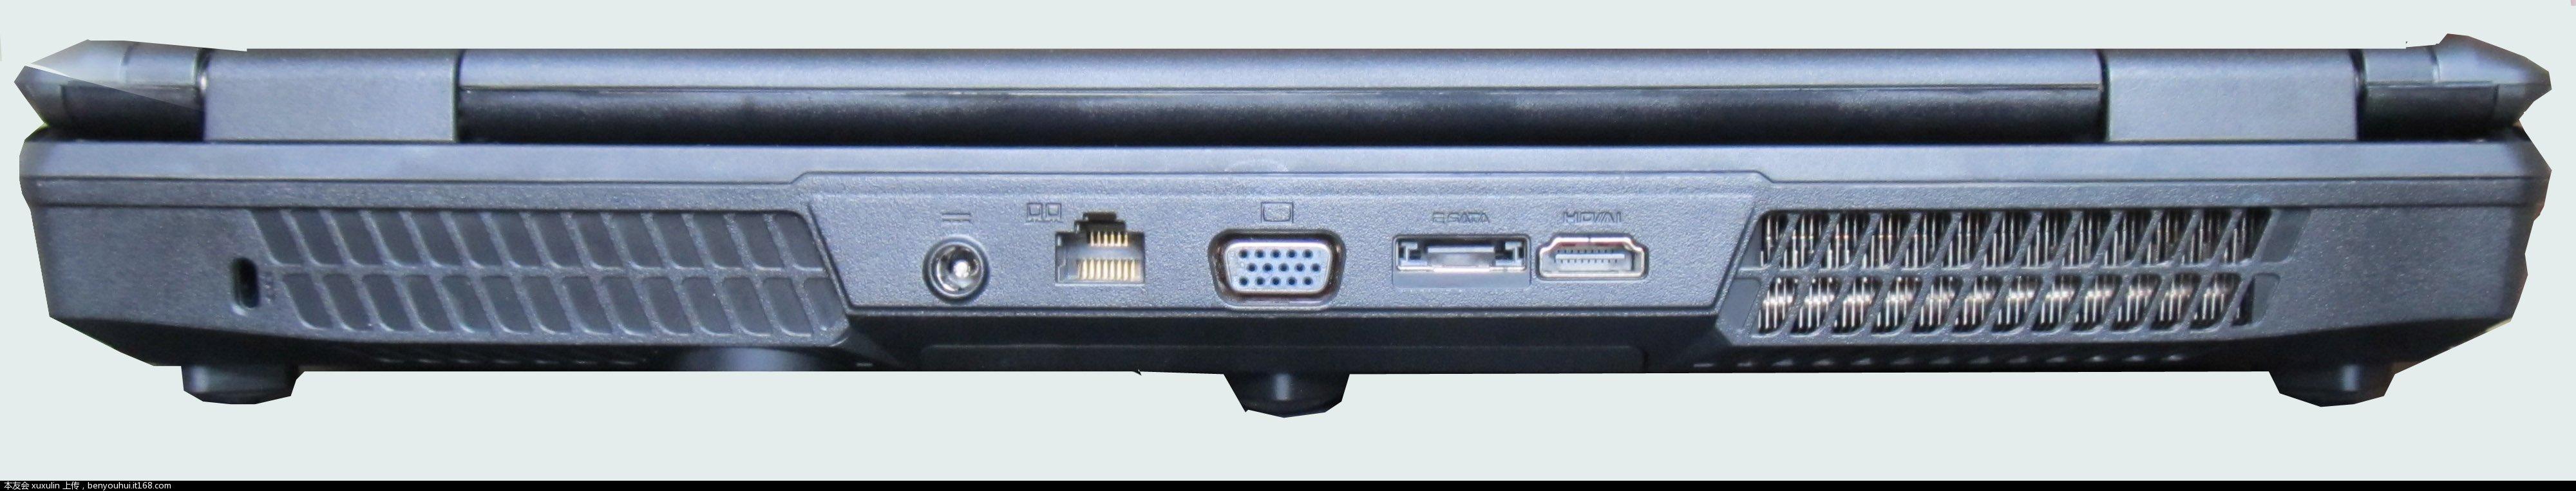 GT60 产品图  图7a.jpg